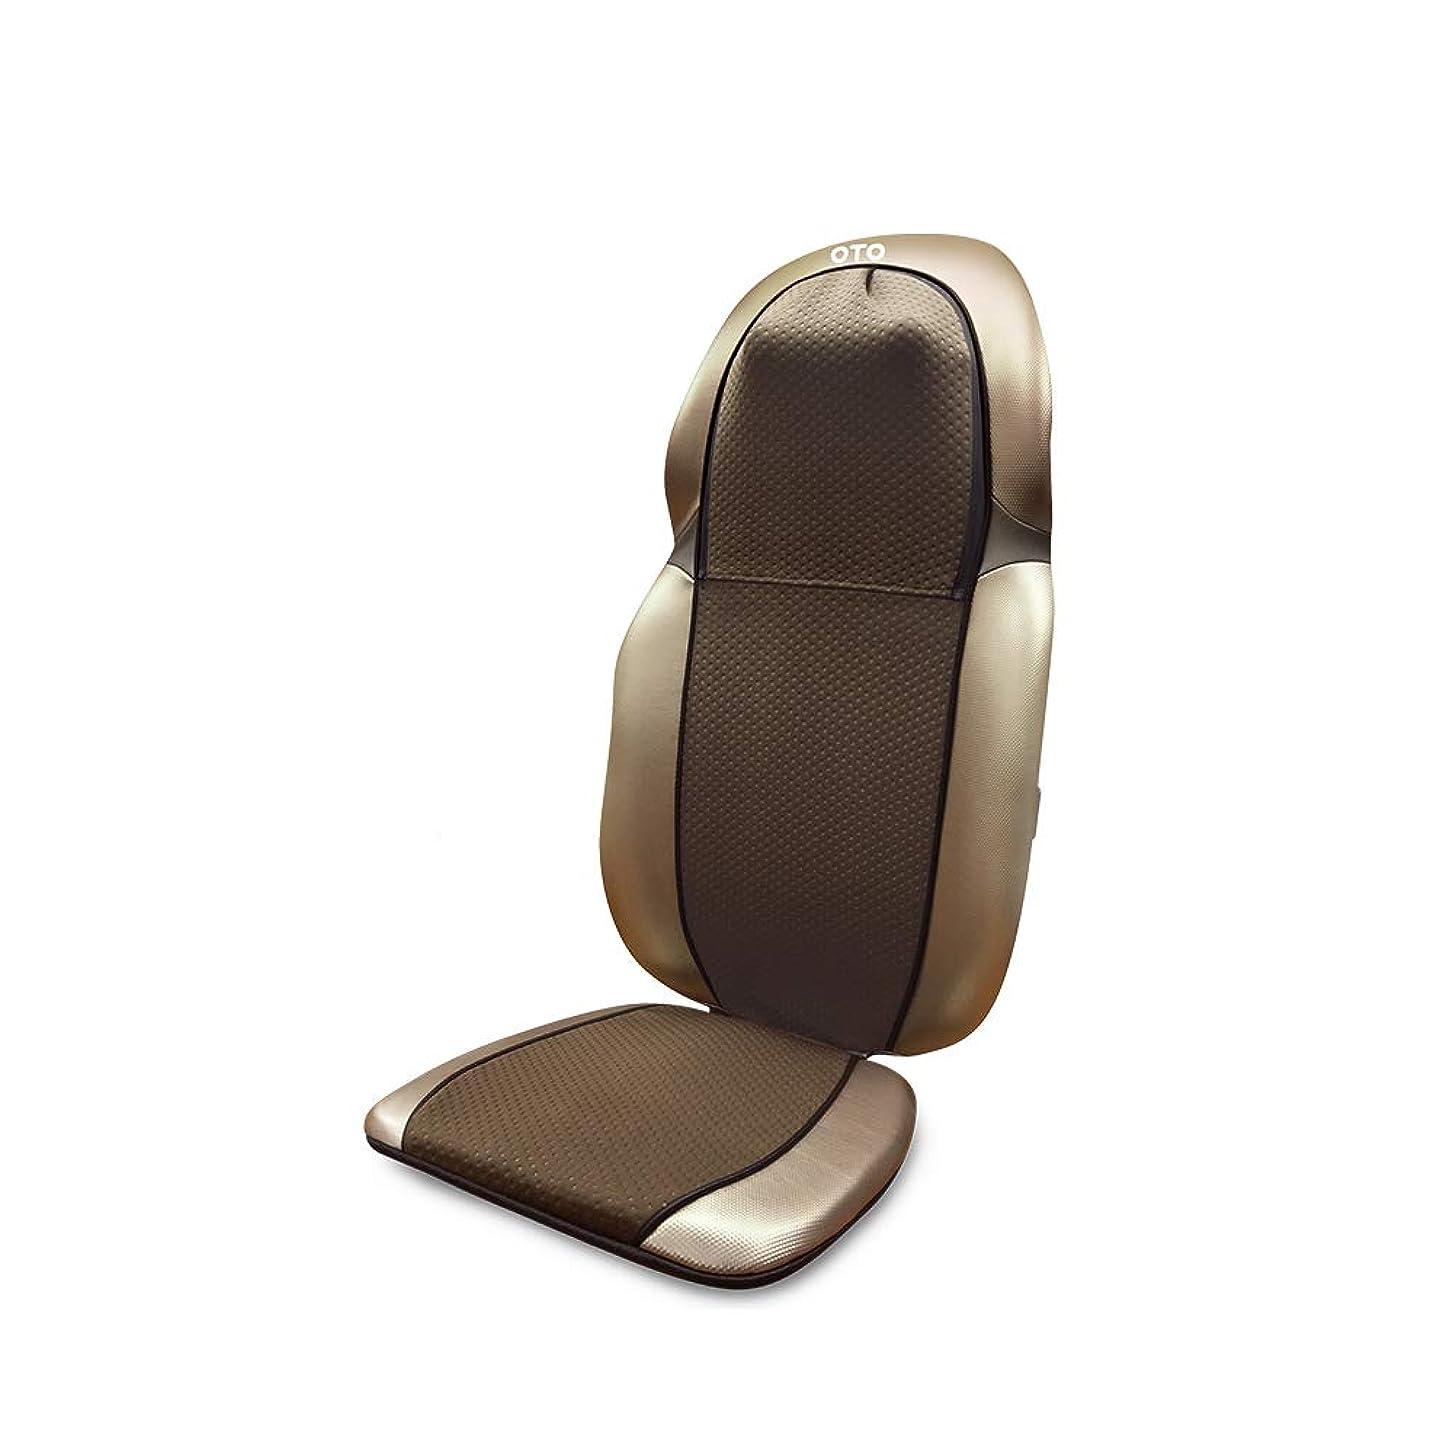 計算可能性能タール全身多機能マッサージクッション、電気温水指圧バックマッサージ、肩、背中、上肢のサポート、深部筋肉緩和のためのローリングバイブレーション、-赤、茶色